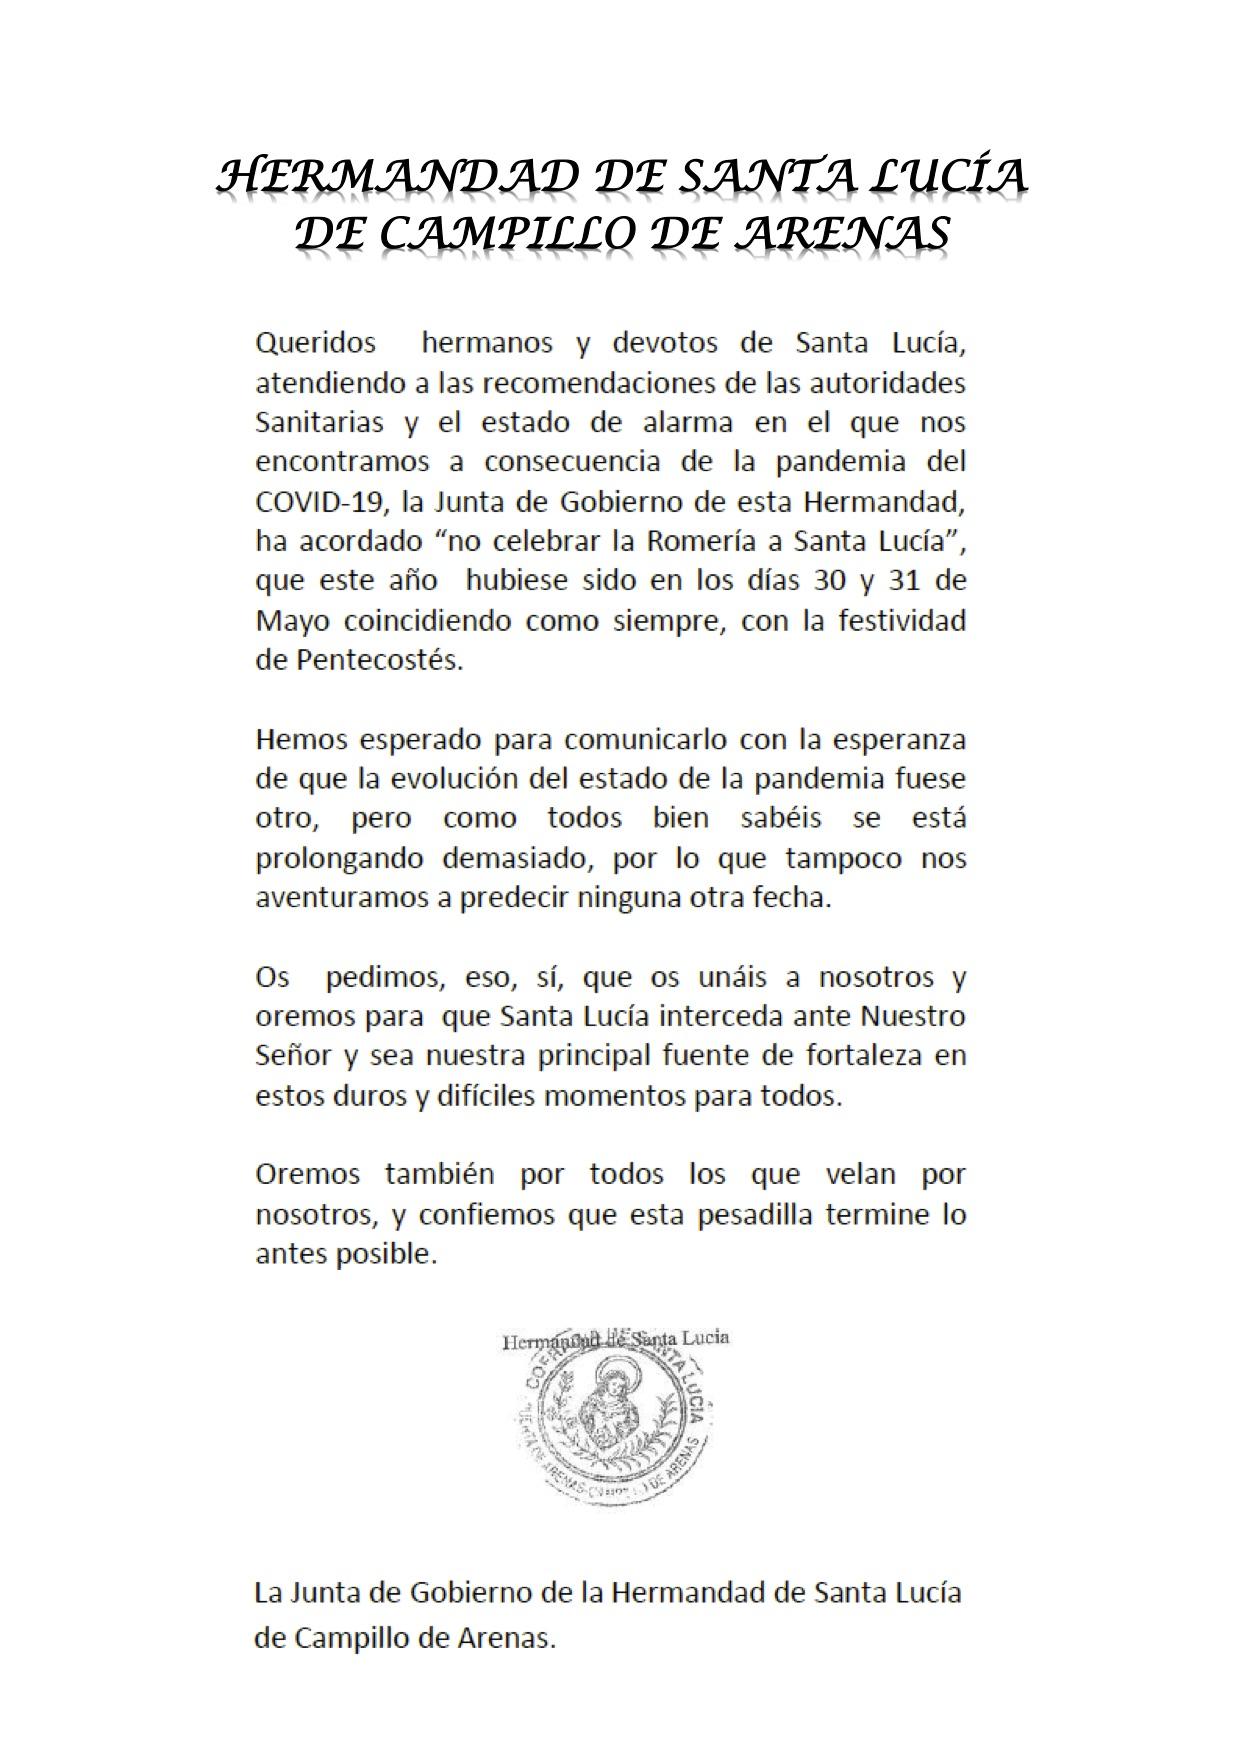 HERMANDAD DE SANTA LUCÍA DE CAMPILLO DE ARENAS